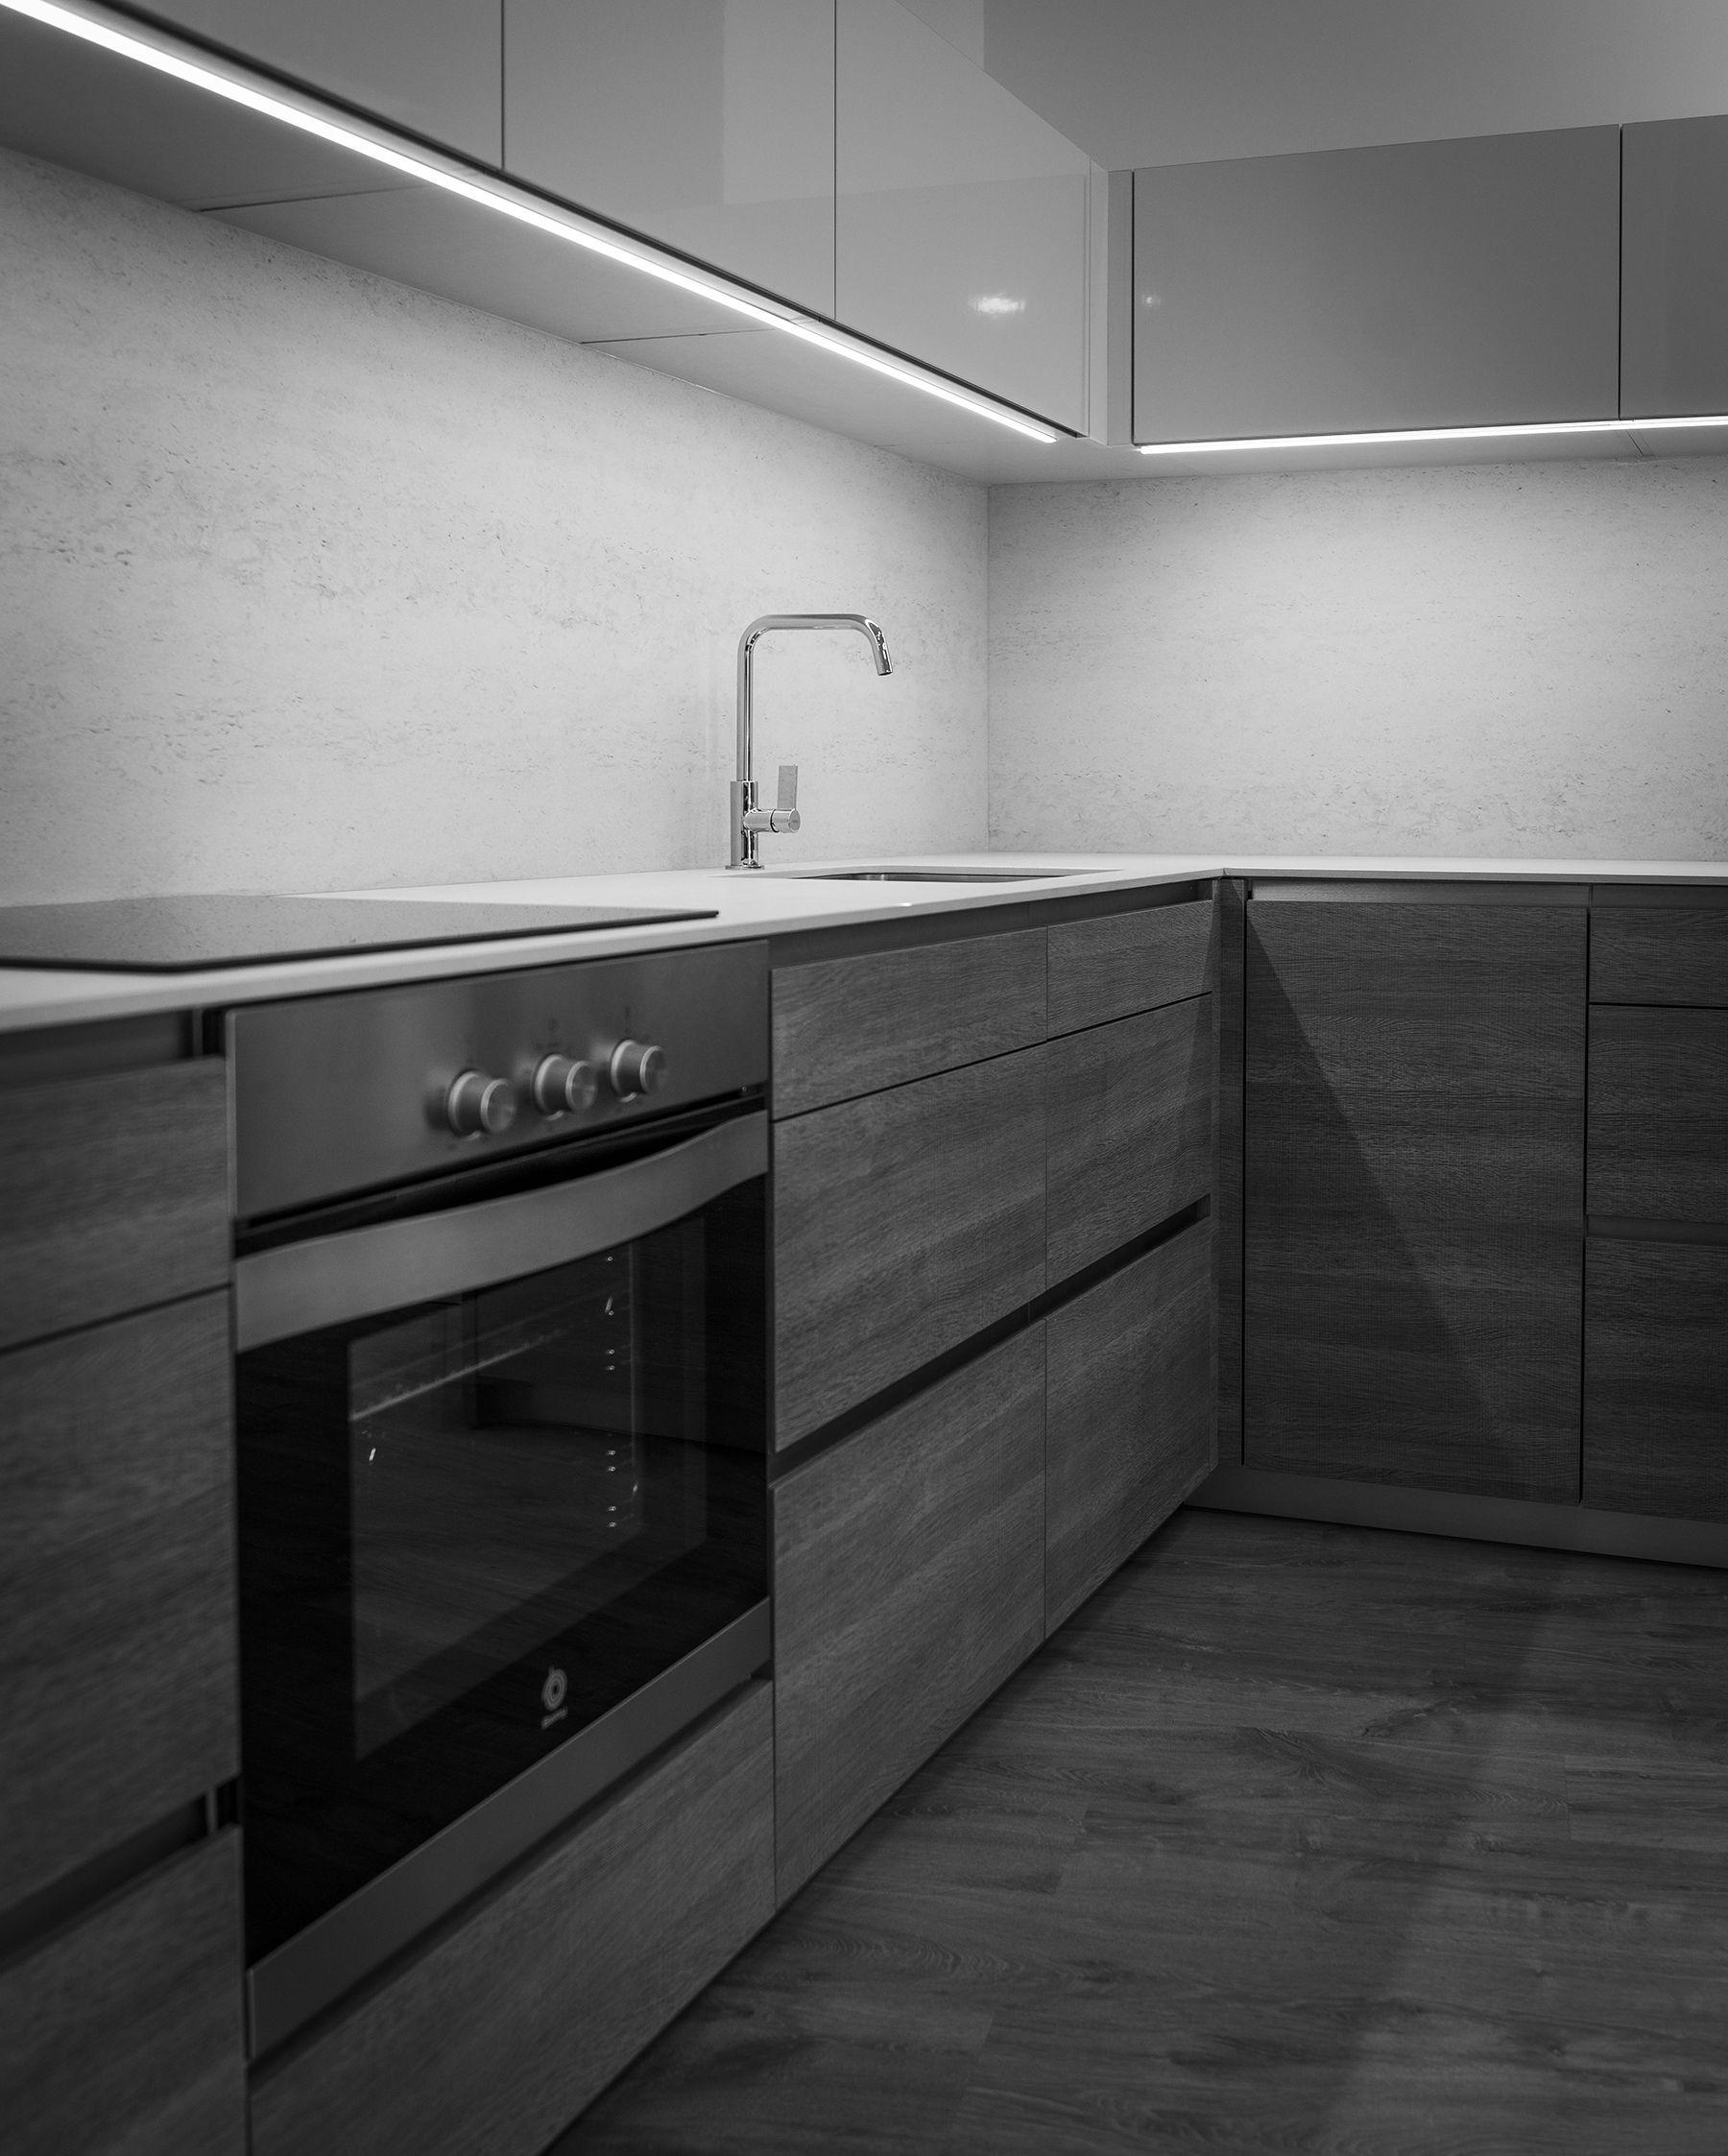 Cocina con muebles bajos en tranch y muebles altos con for Muebles bajos para cocina